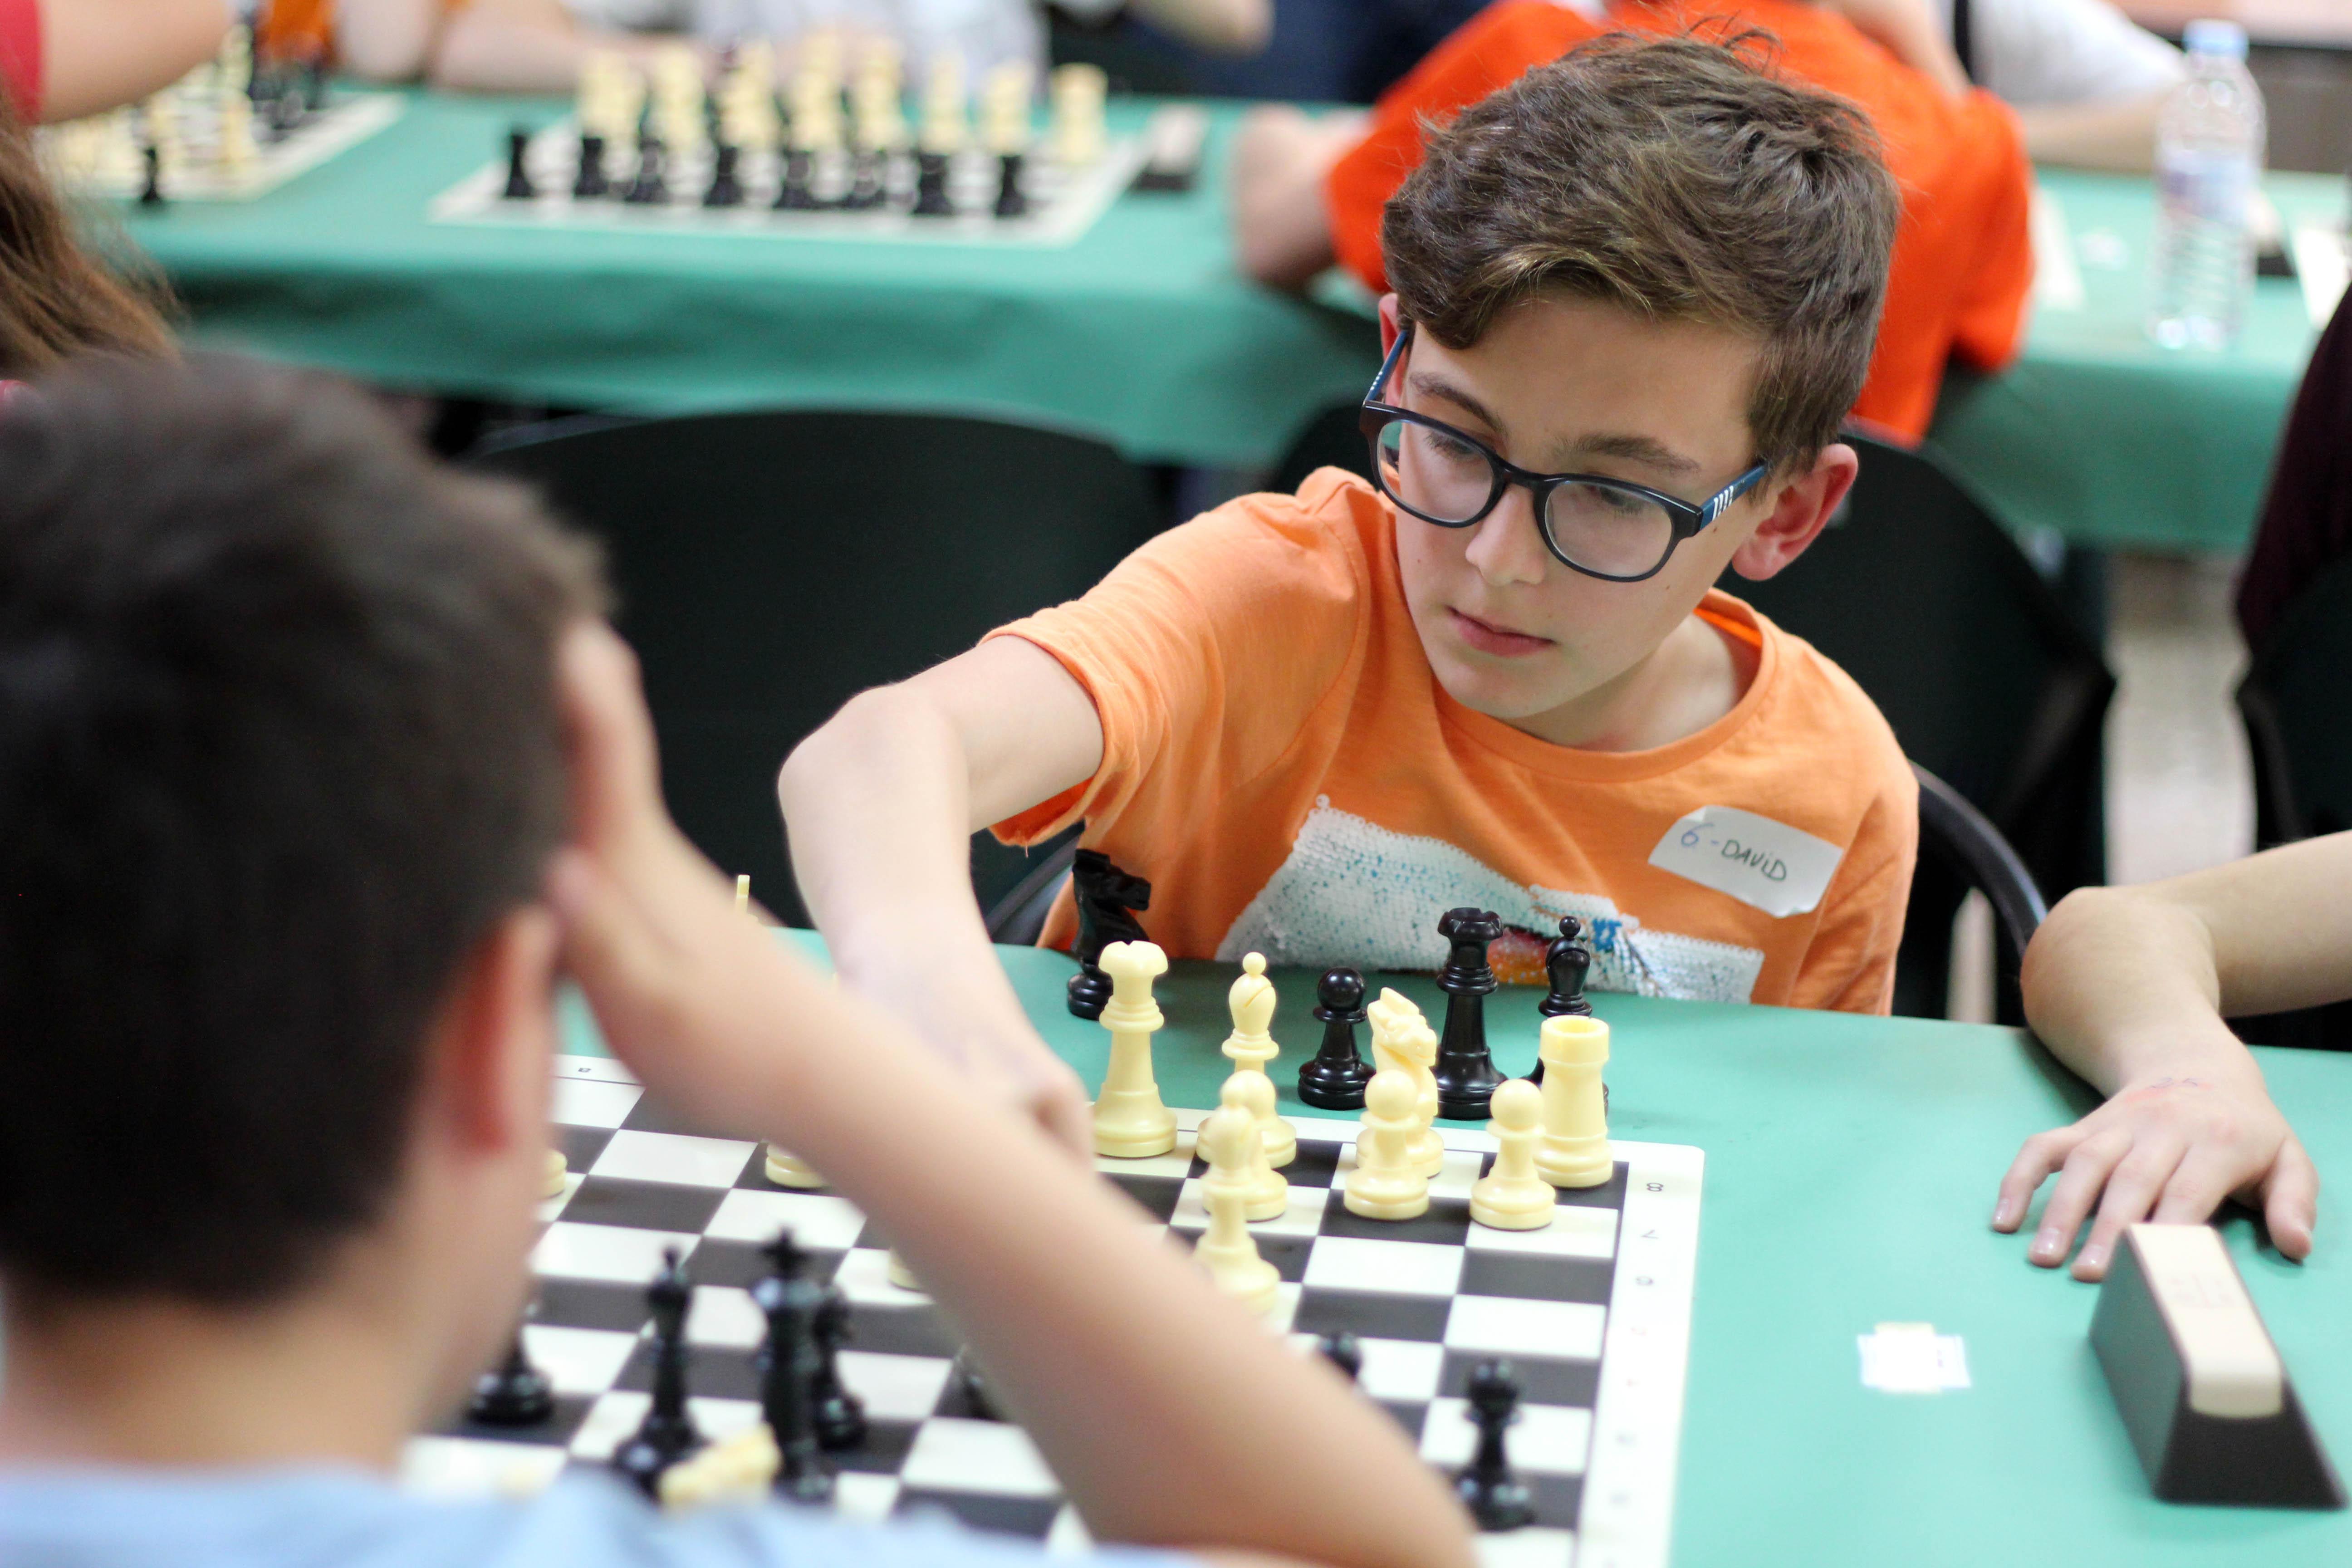 El torneo de ajedrez de Cheste reúne a más de 80 participantes en su sexta edición.